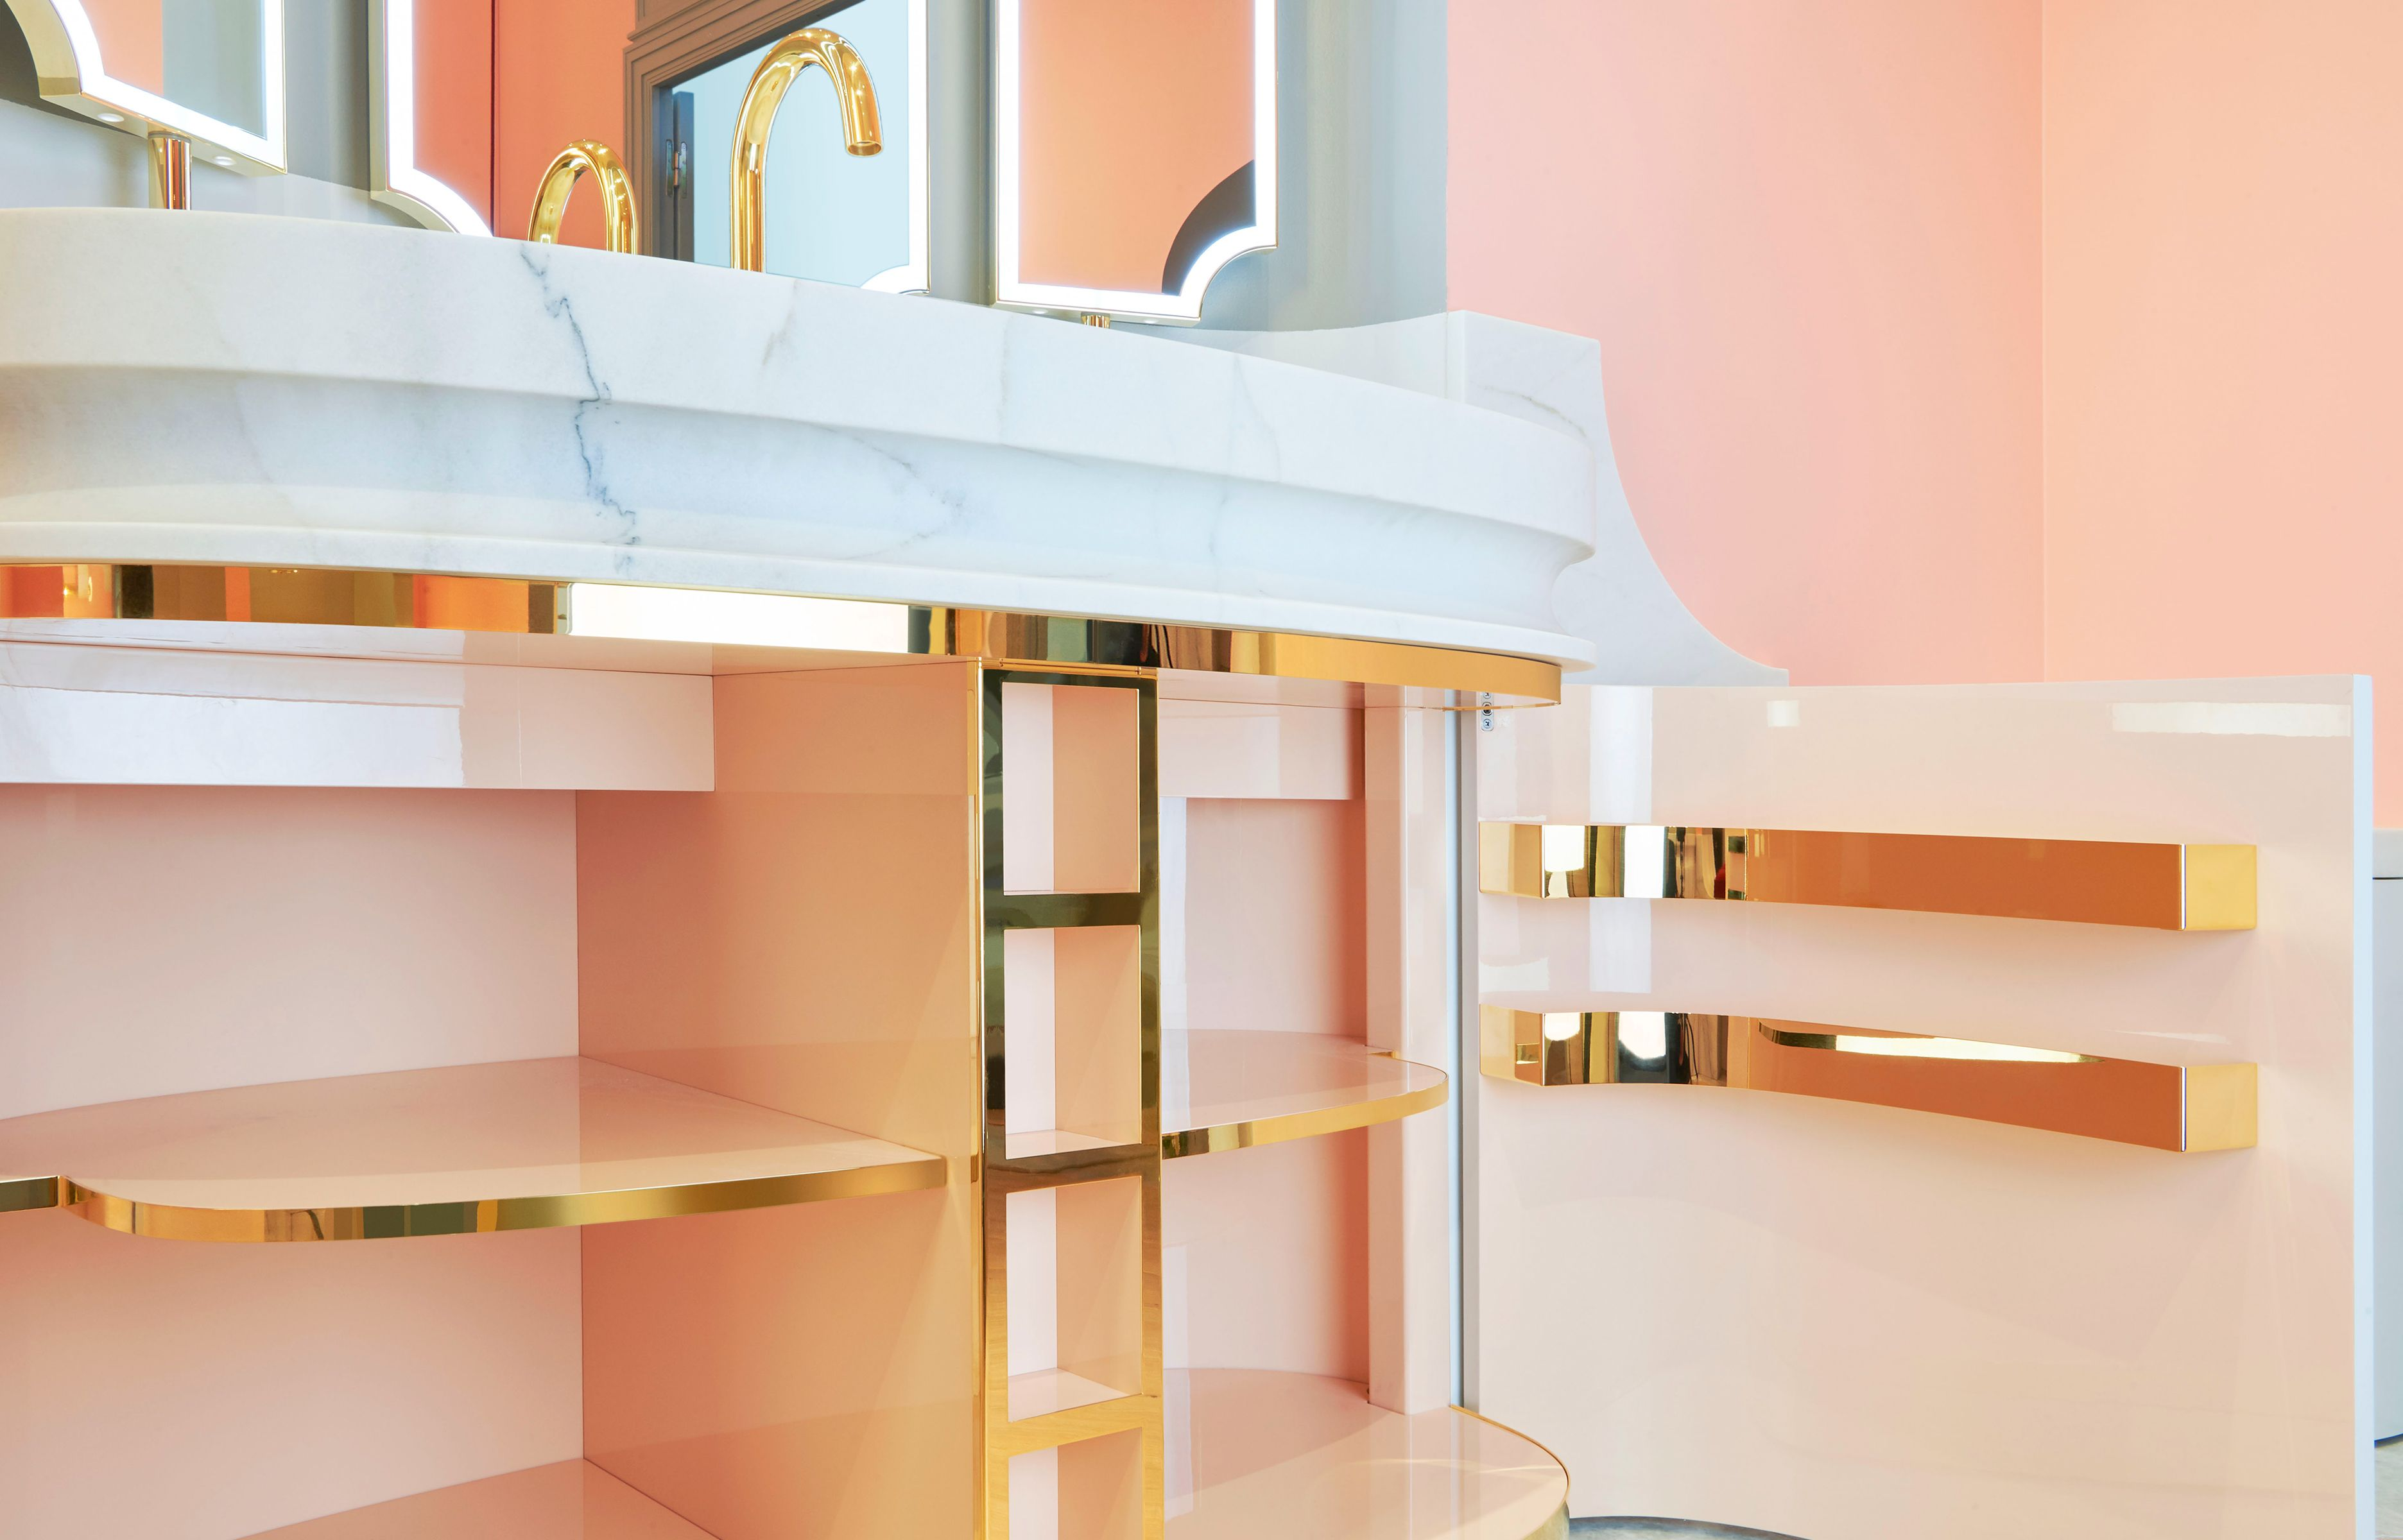 Le Couturier Alexis Mabille Rhabille La Salle De Bains Avec Images Salle De Bain Design Meuble Salle De Bain Mobilier De Salon